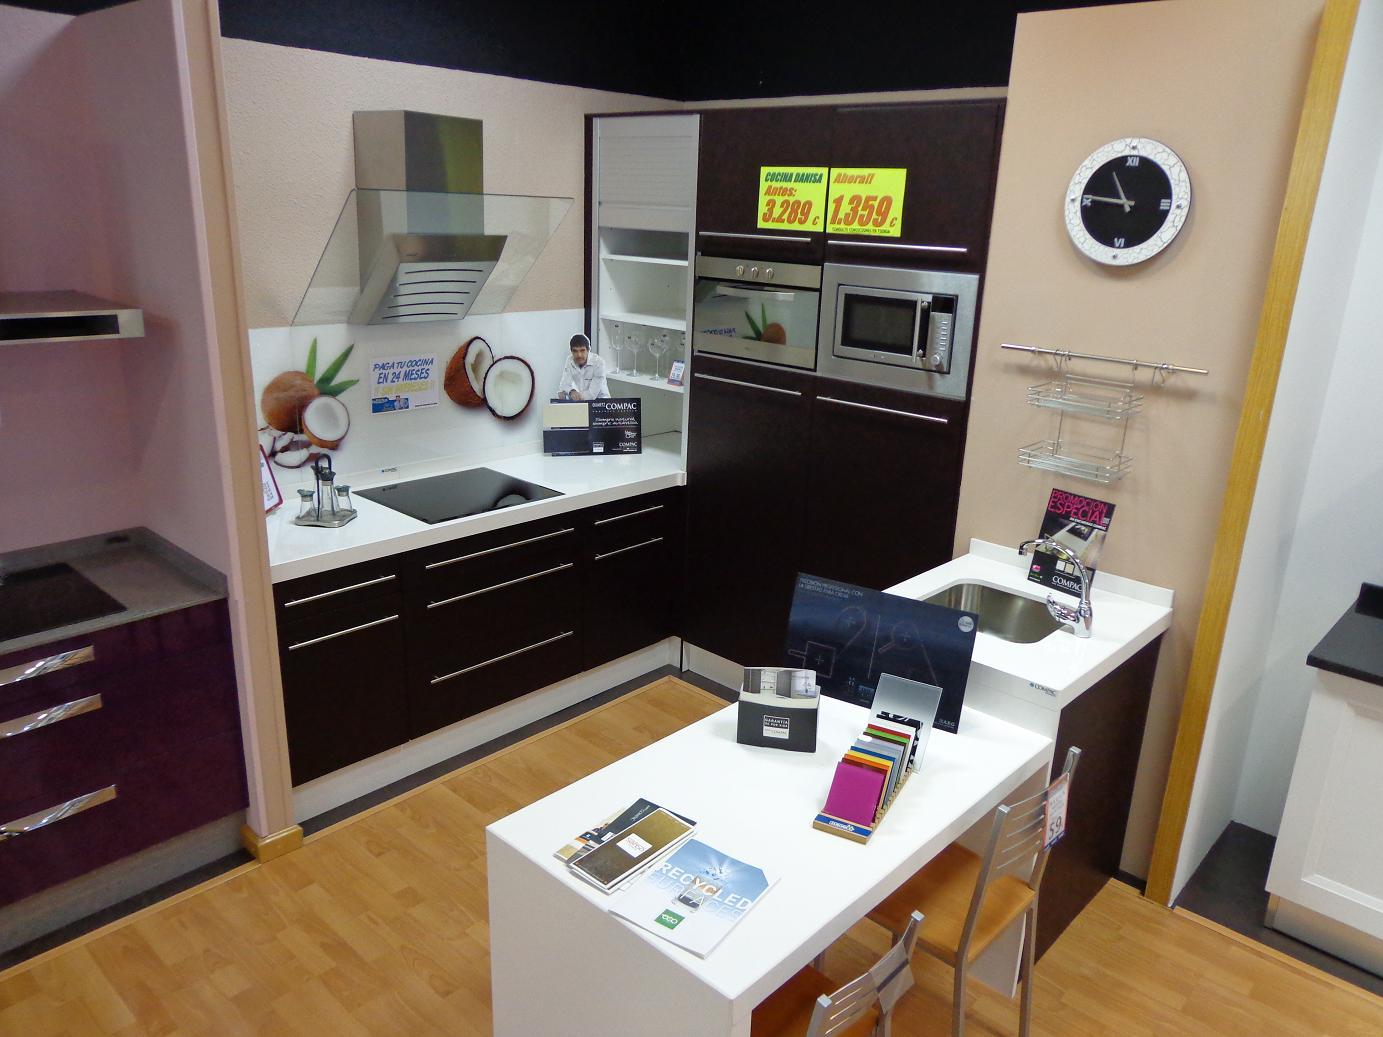 Muebles Economicos Vigo | Muebles De Cocina Y Baño En Vigo Muebles Saly